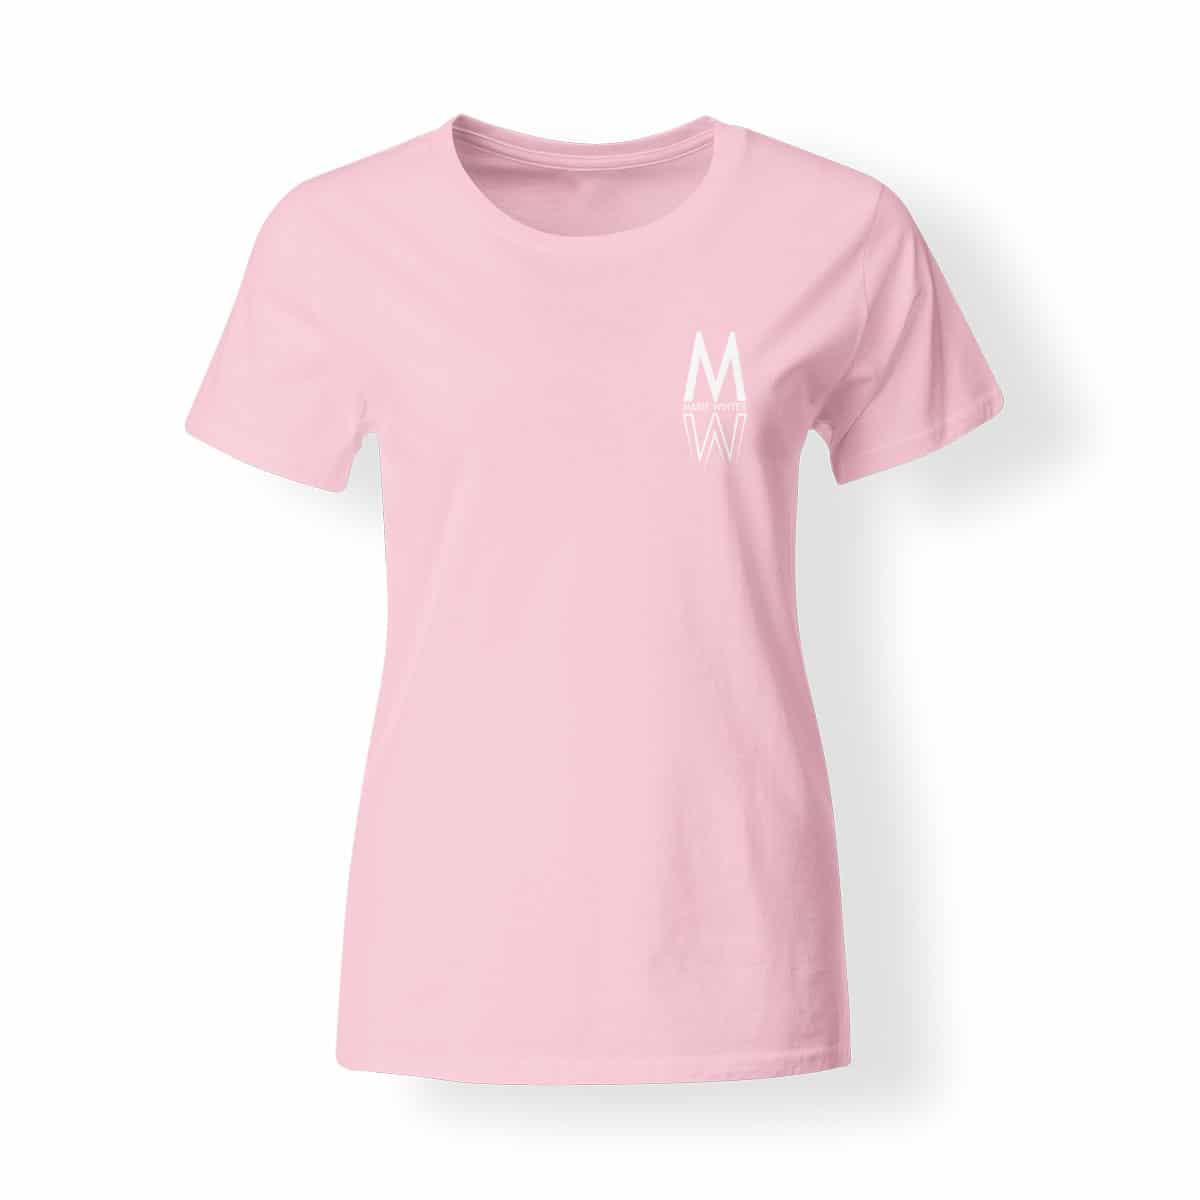 Marie Winter Damen T-Shirt rosa